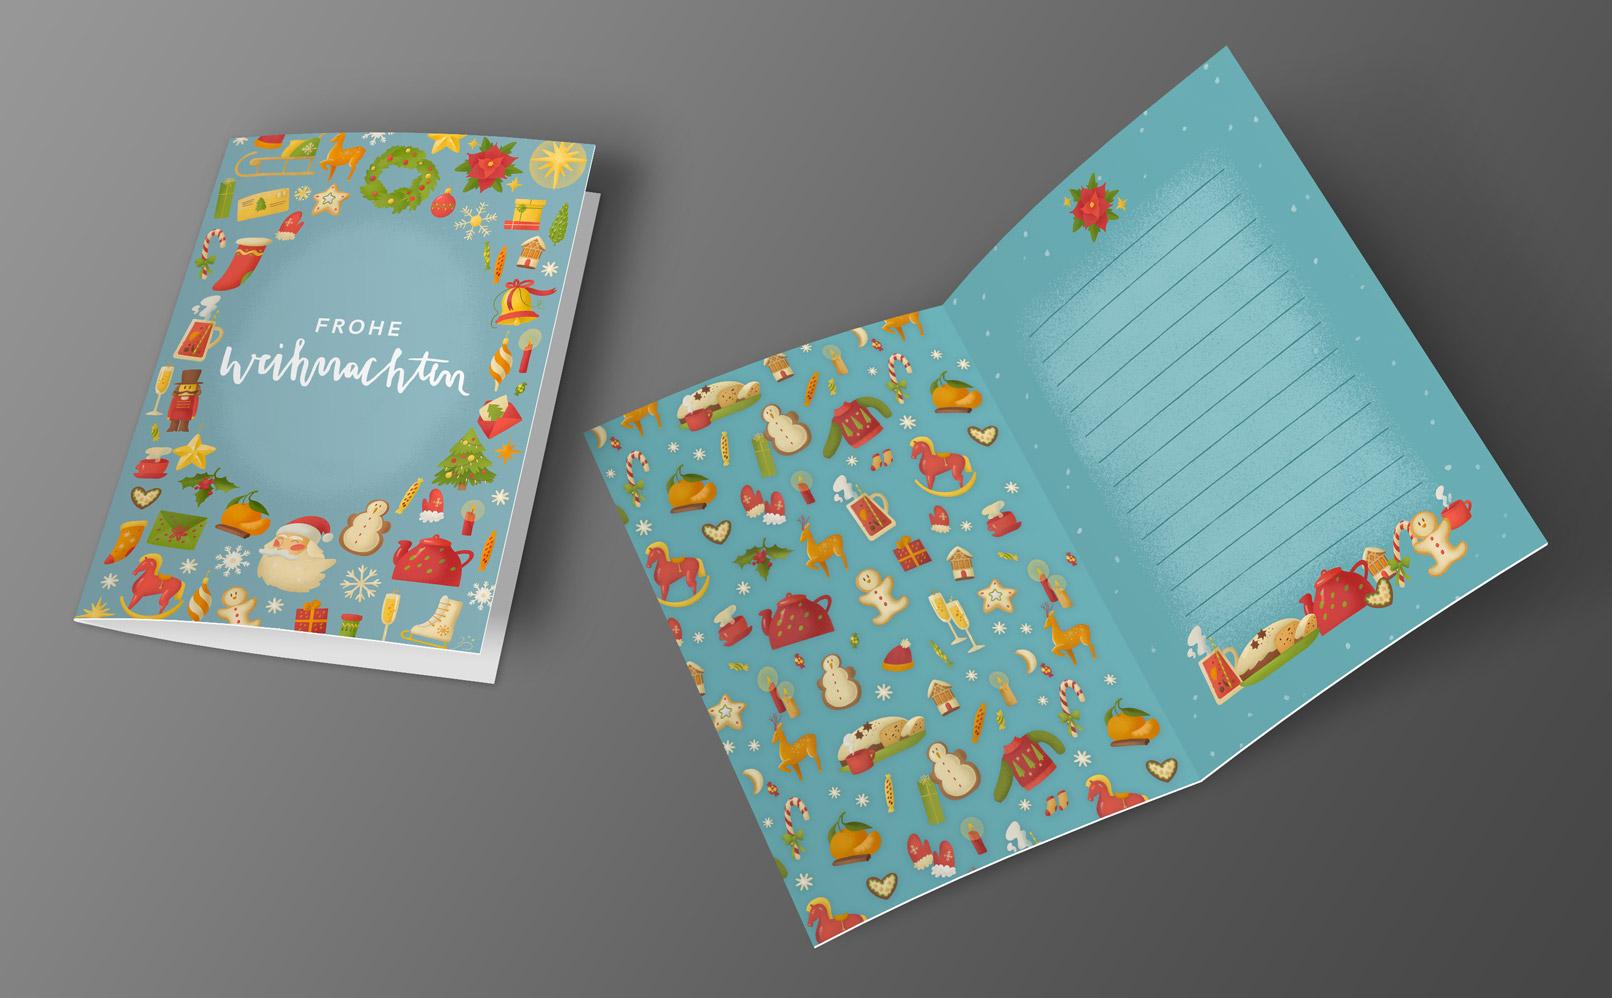 Hintergründe für Weihnachtsgrußkarten: blaues Design mit weihnachtlichen Motiven